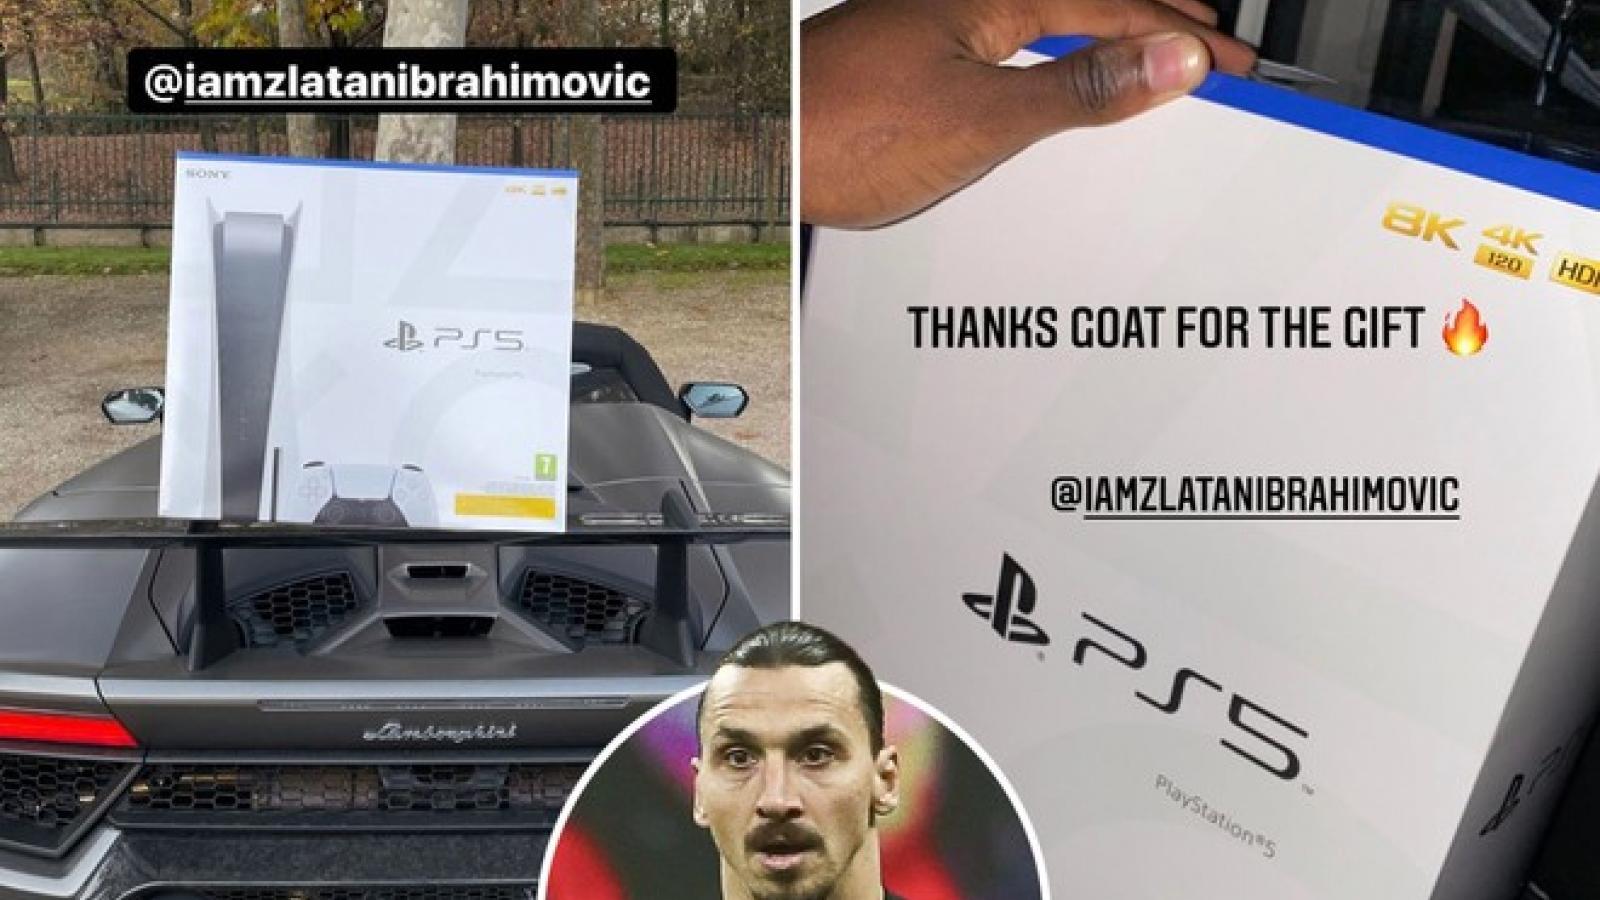 Máy PS5 vừa ra mắt, Ibrahimovic đã mua tặng hàng loạt đồng đội